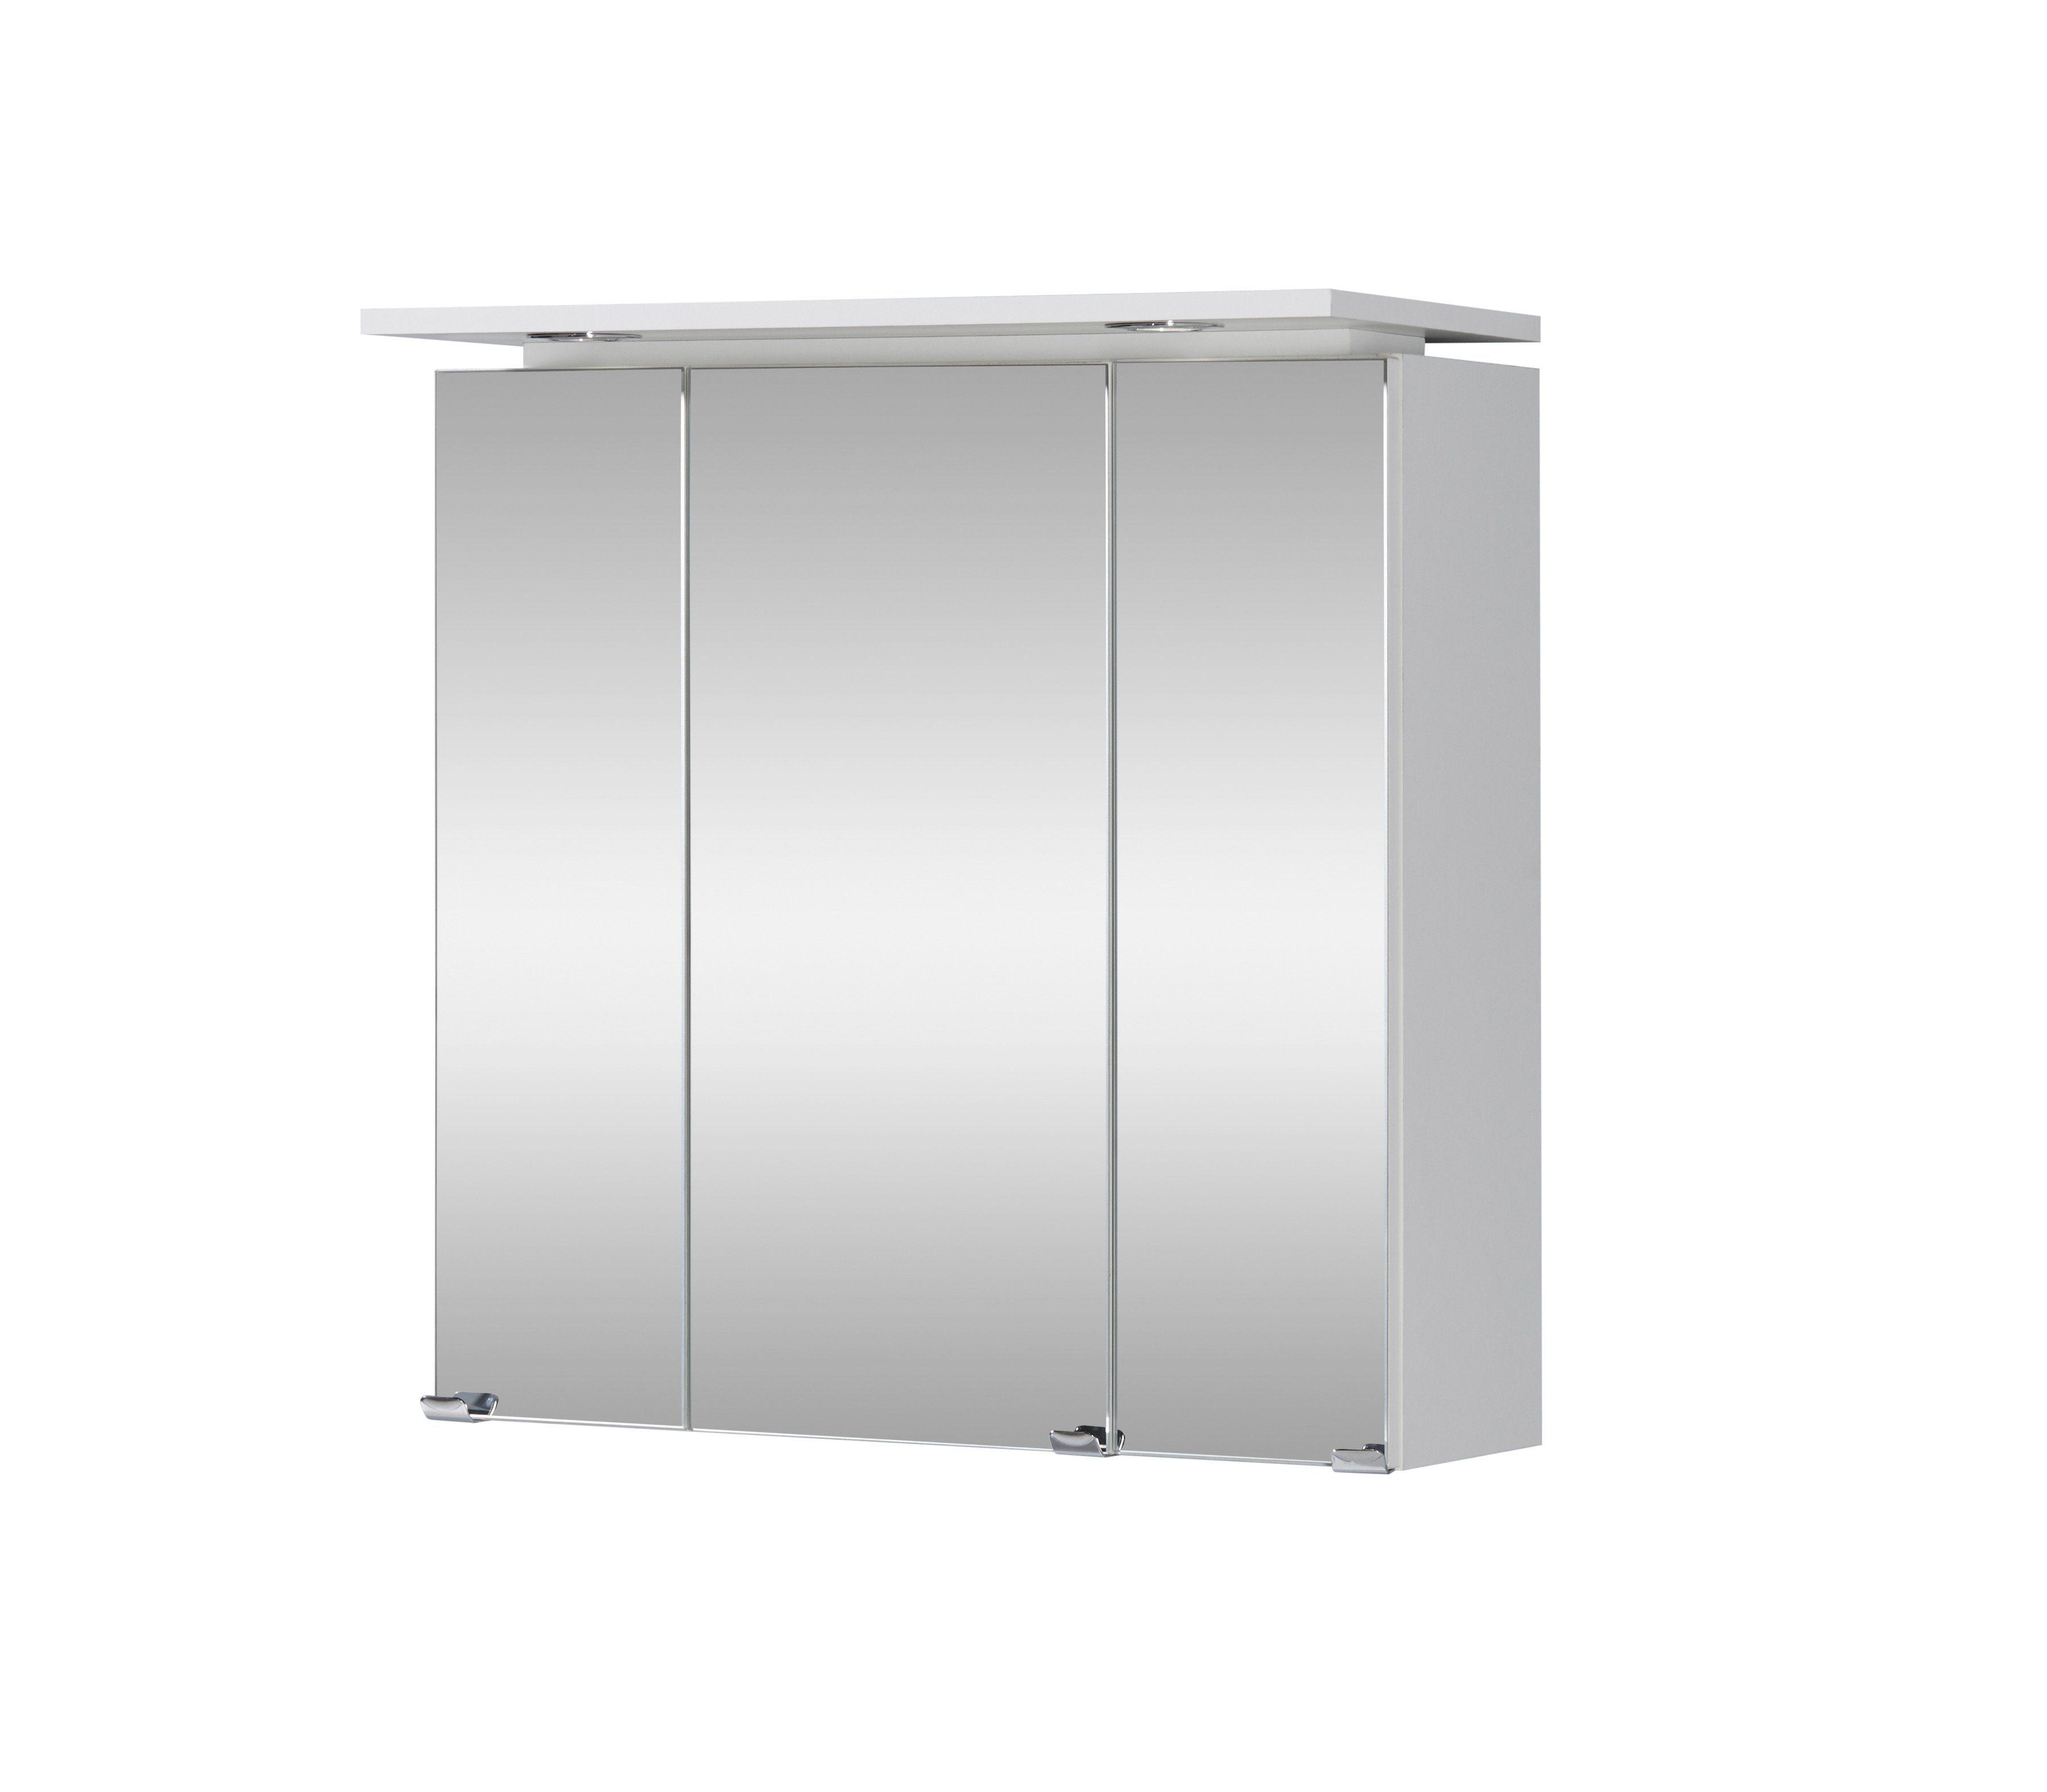 Kesper Spiegelschrank »Lugo« Breite 60 cm, mit LED-Beleuchtung